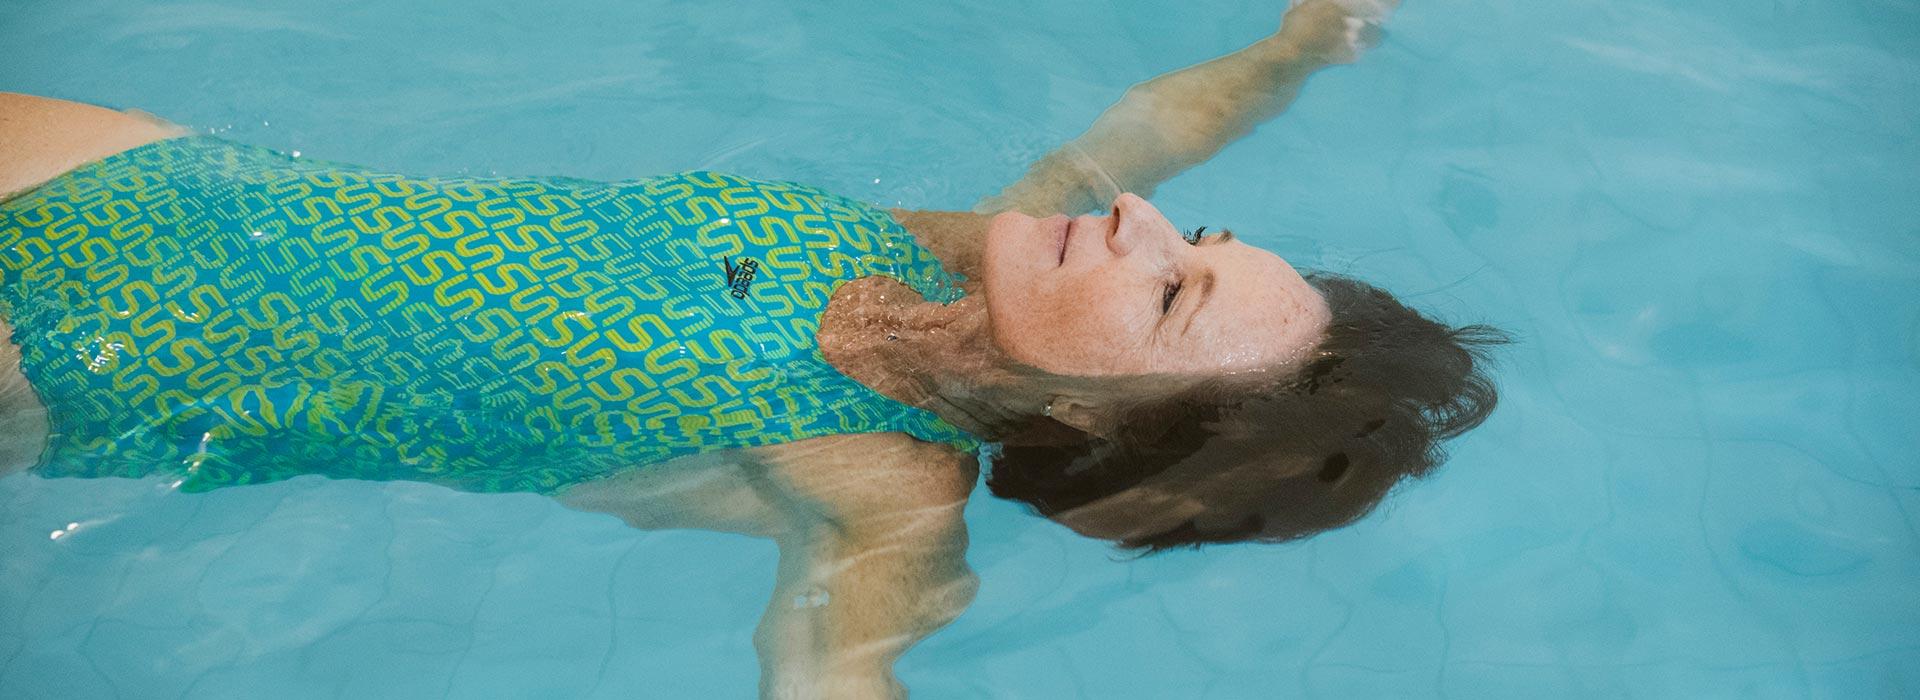 AquaGym_Bluetenring_relax